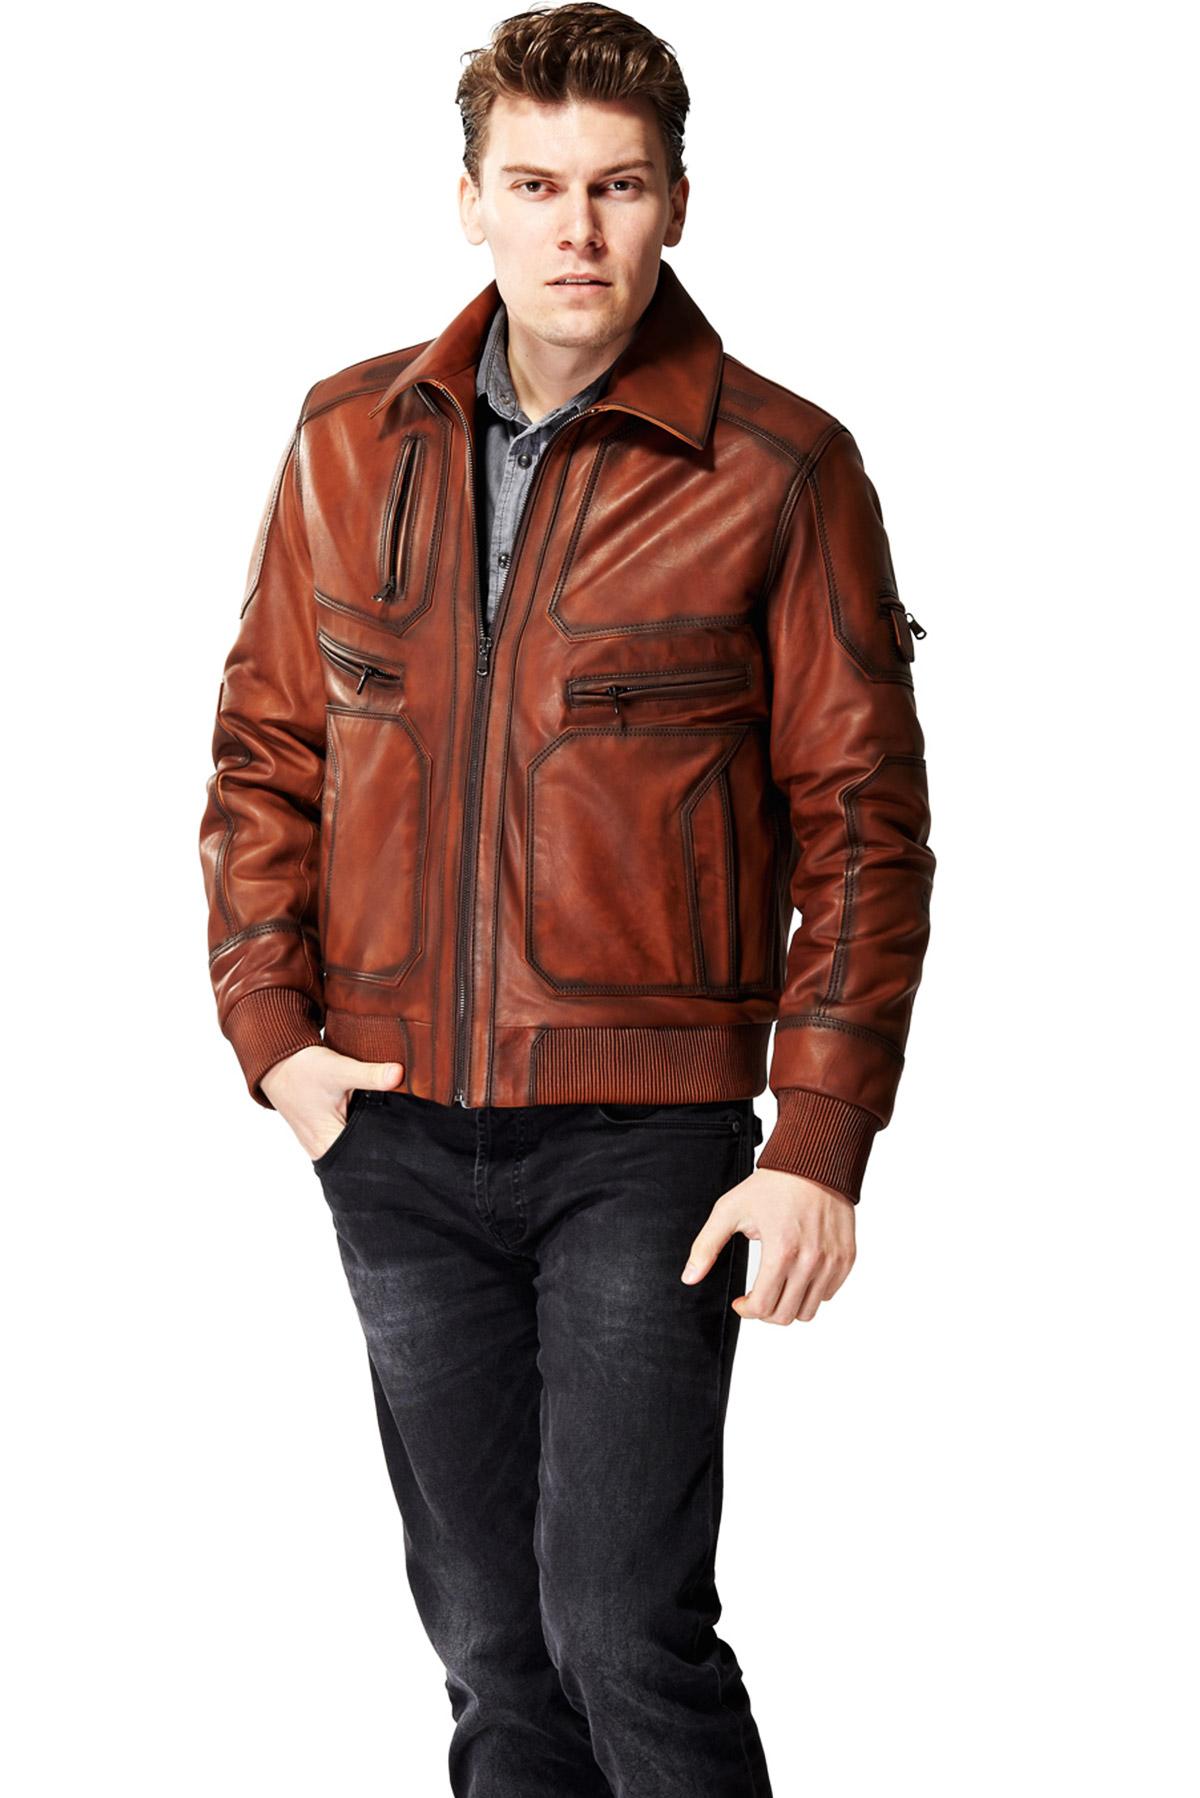 leather jacket back